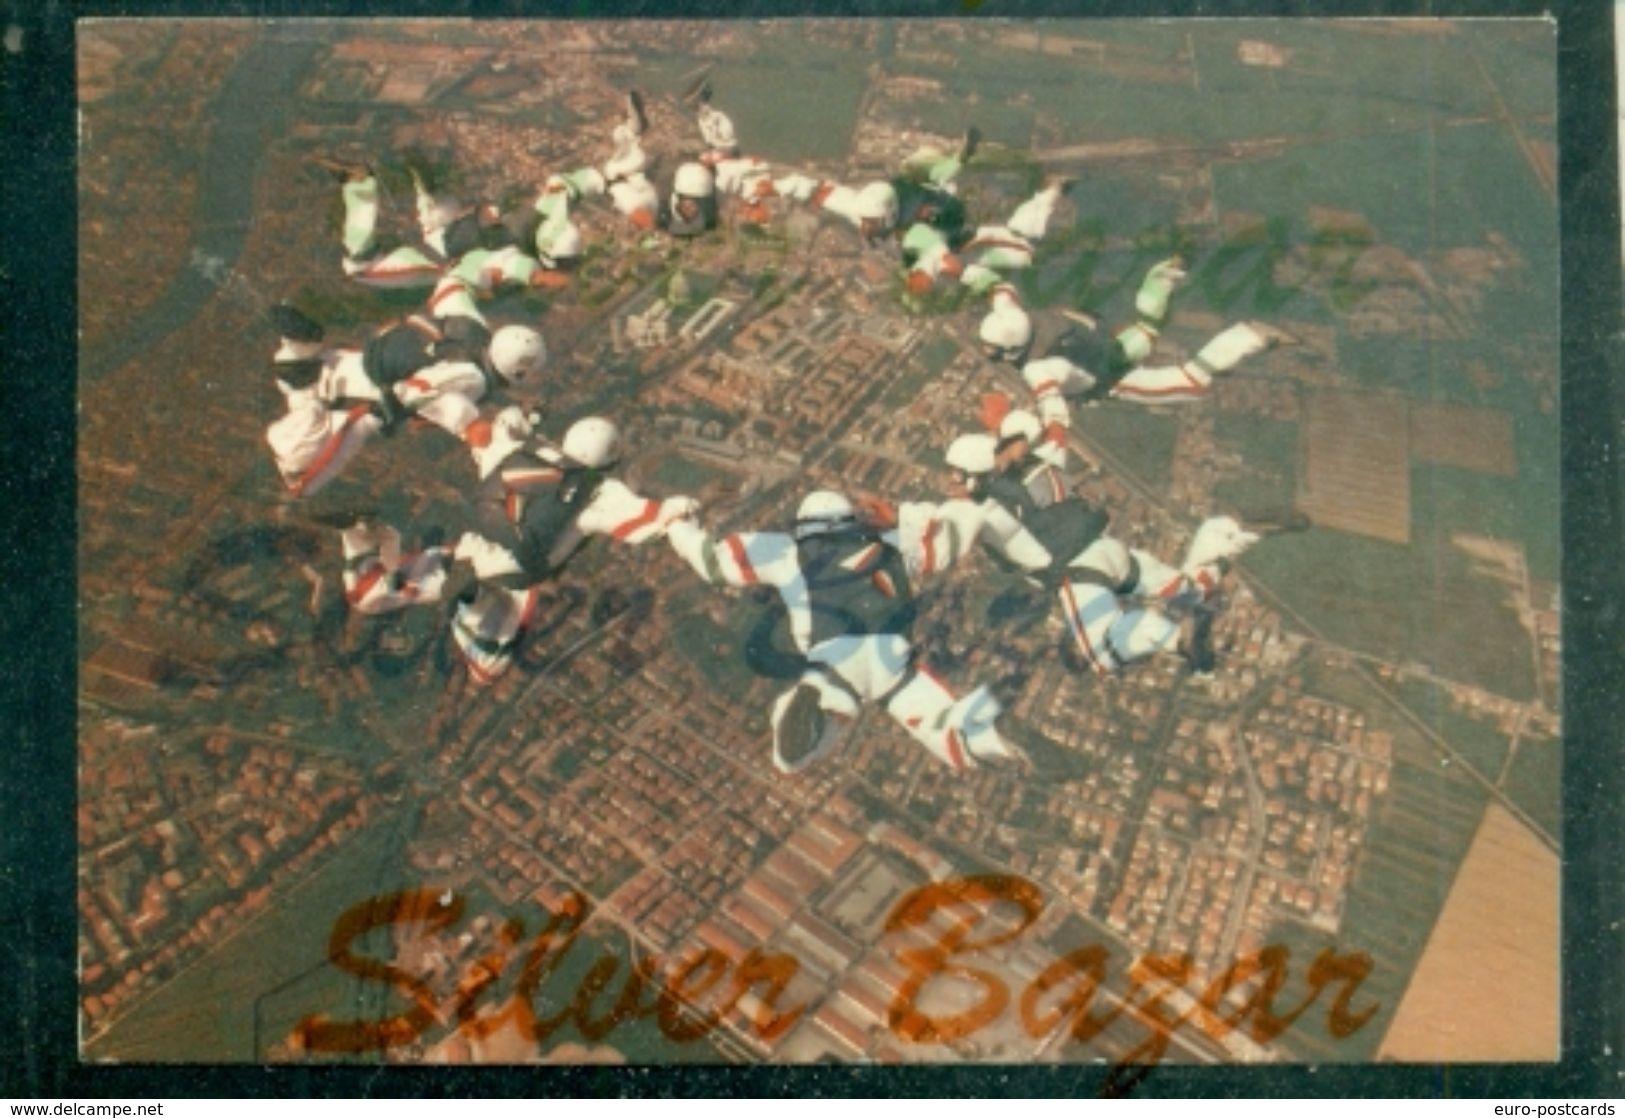 PARACADUTISMO - Paracadutismo